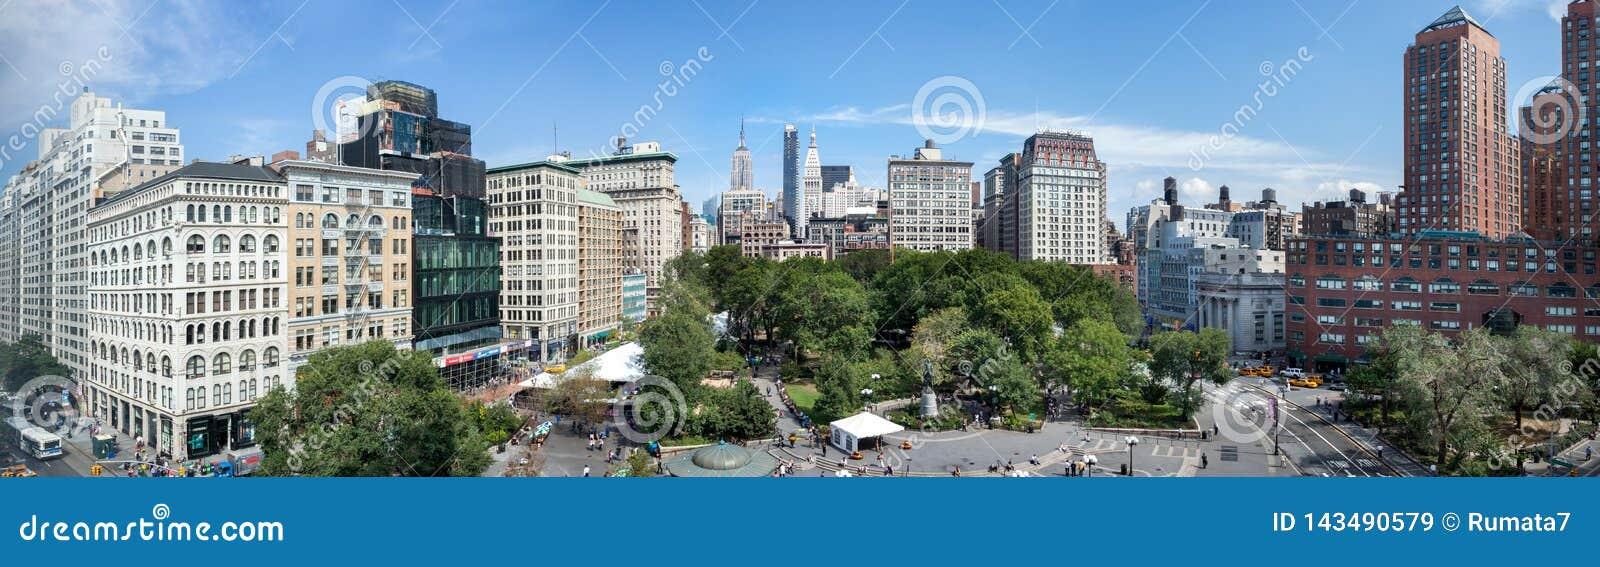 联合广场令人惊讶的全景鸟瞰图在纽约 美国